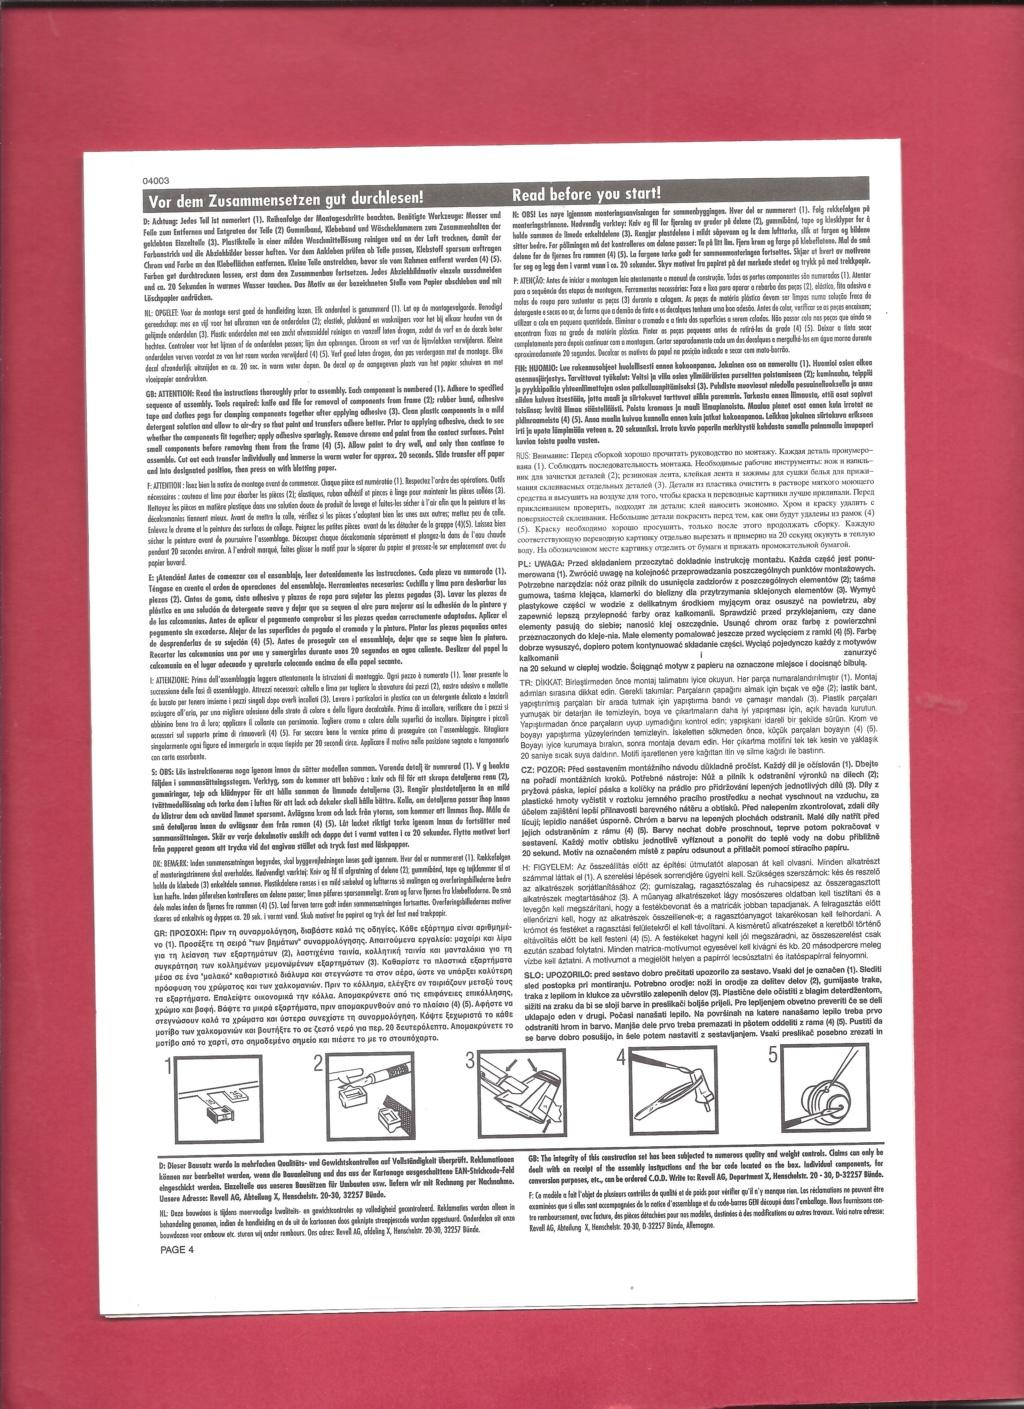 NORTHROP - [REVELL] NORTHROP F 5 E Patrouille SUISSE 1/144ème Réf 4003 Revel437